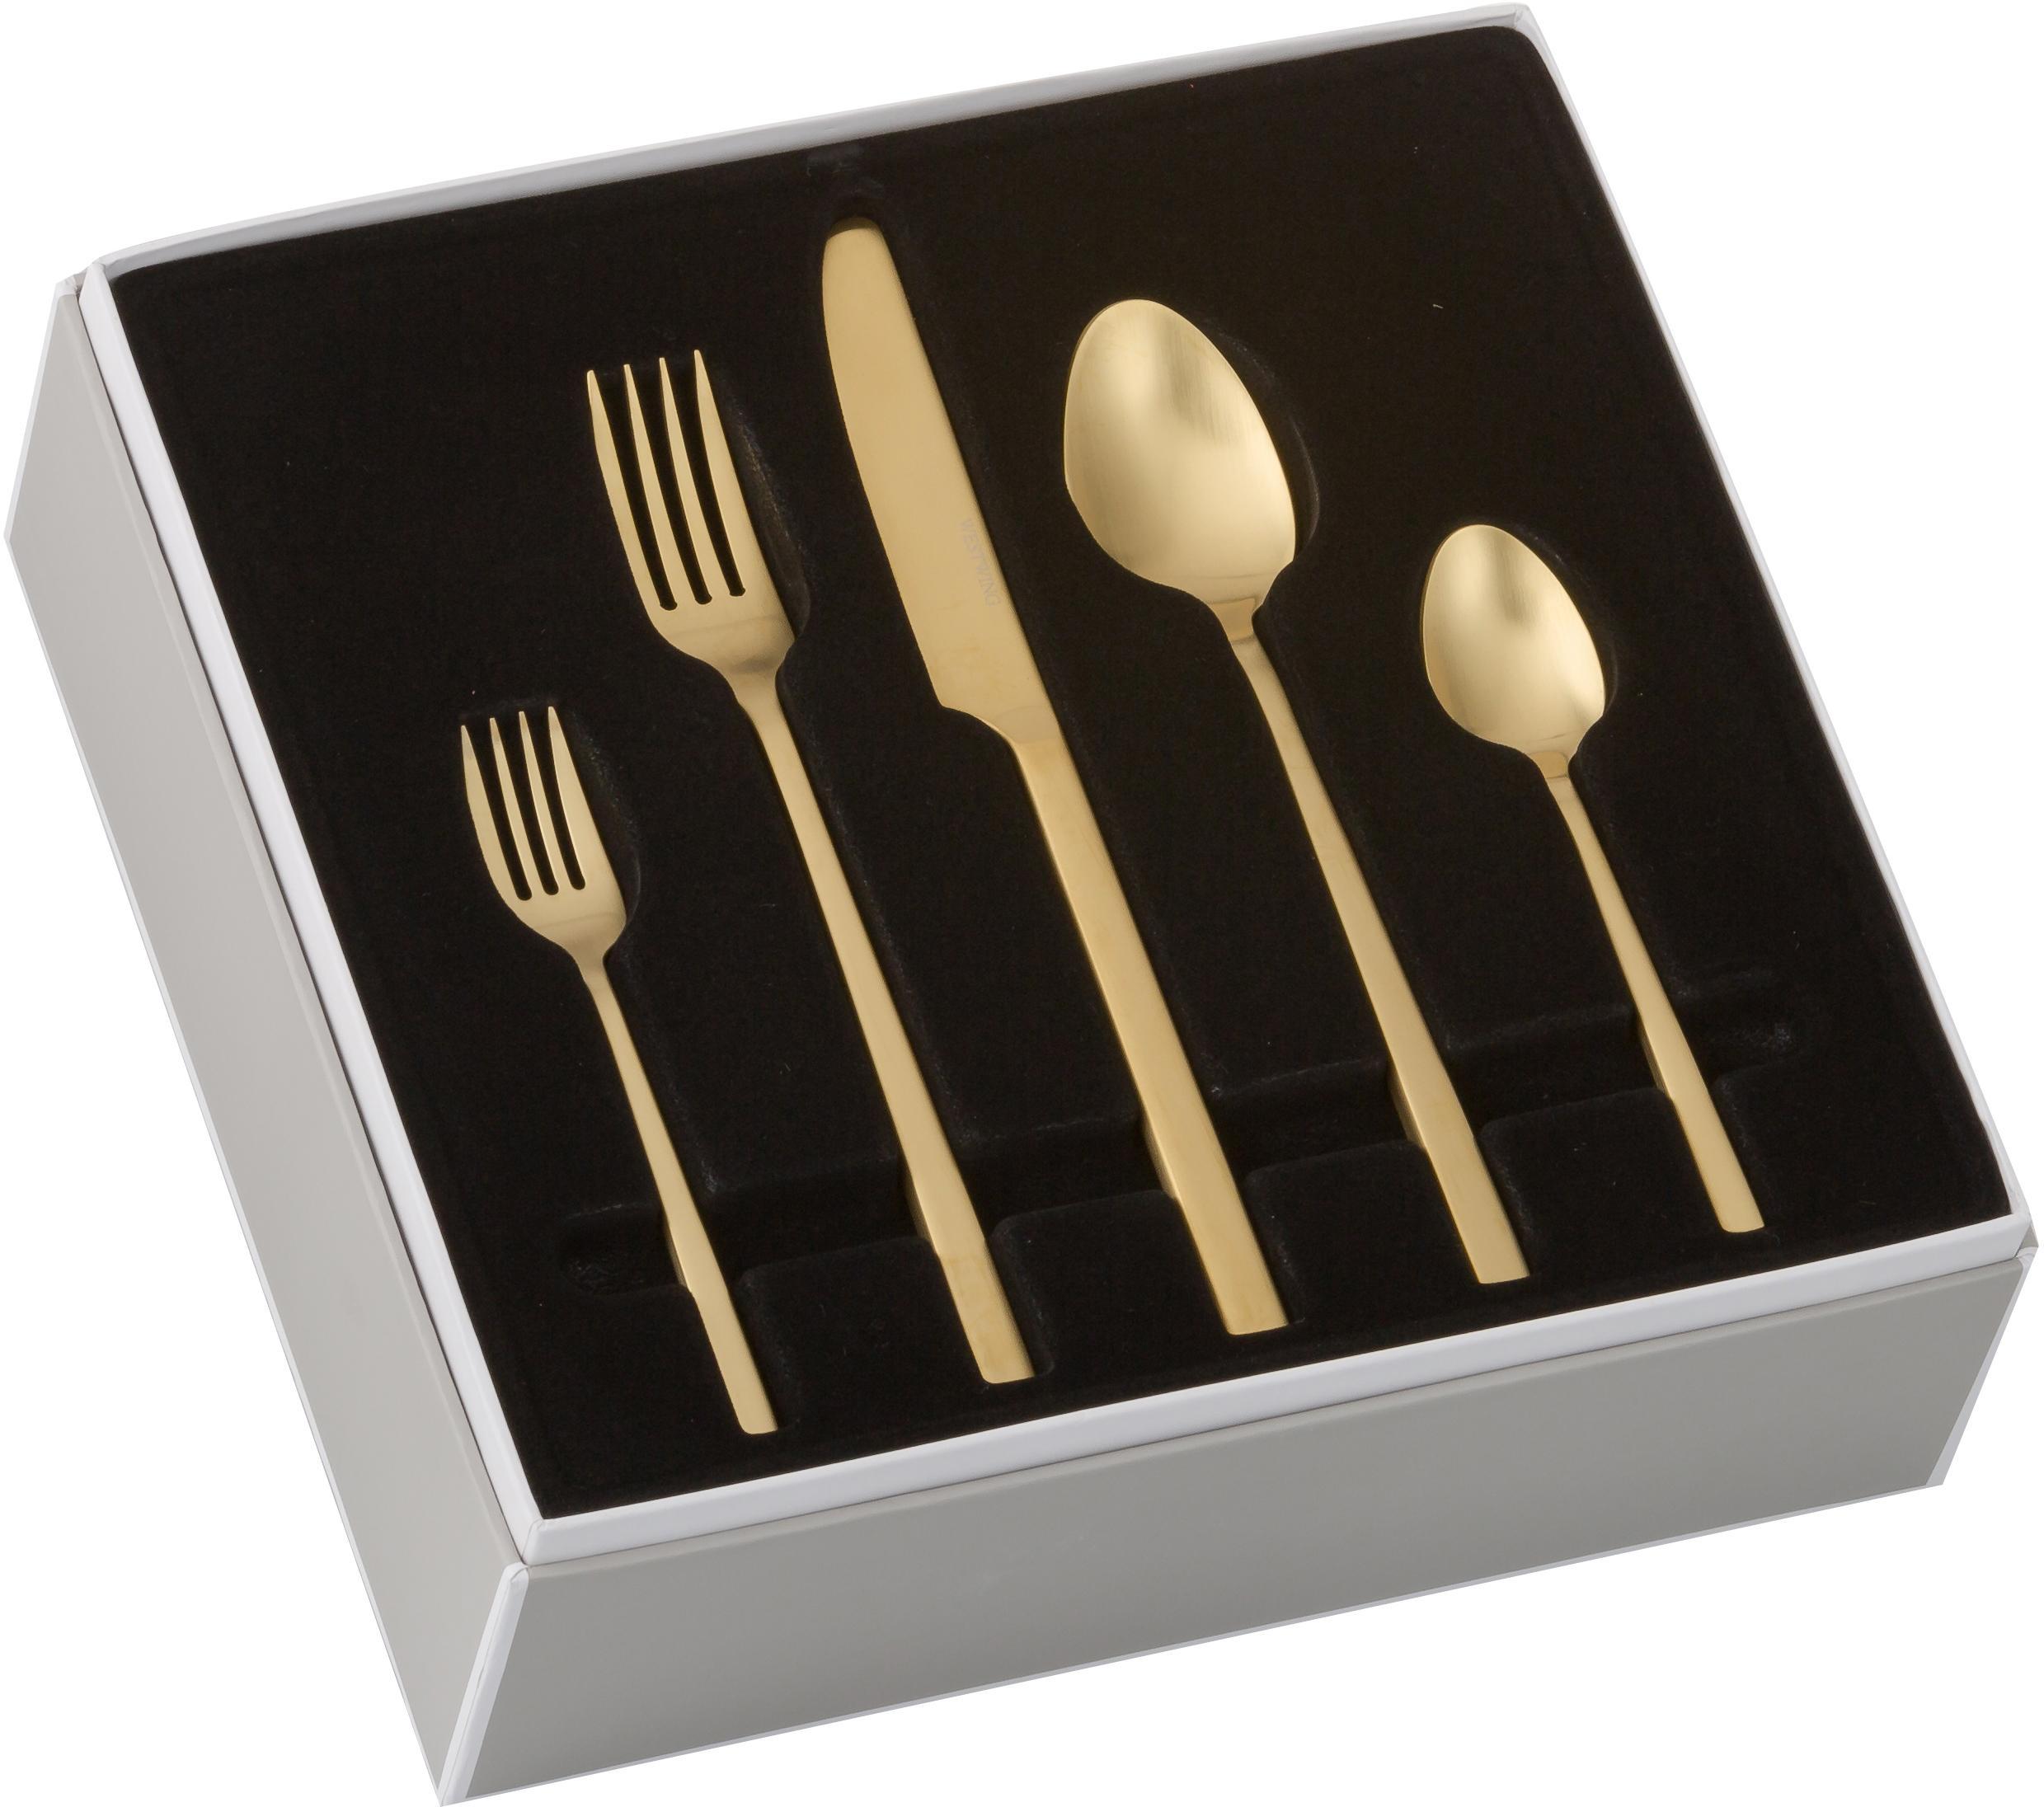 Set di posate dorate in acciaio inossidabile Shine, Coltello: acciaio inossidabile 13/0, Oro, 1 Person (5 pz.)